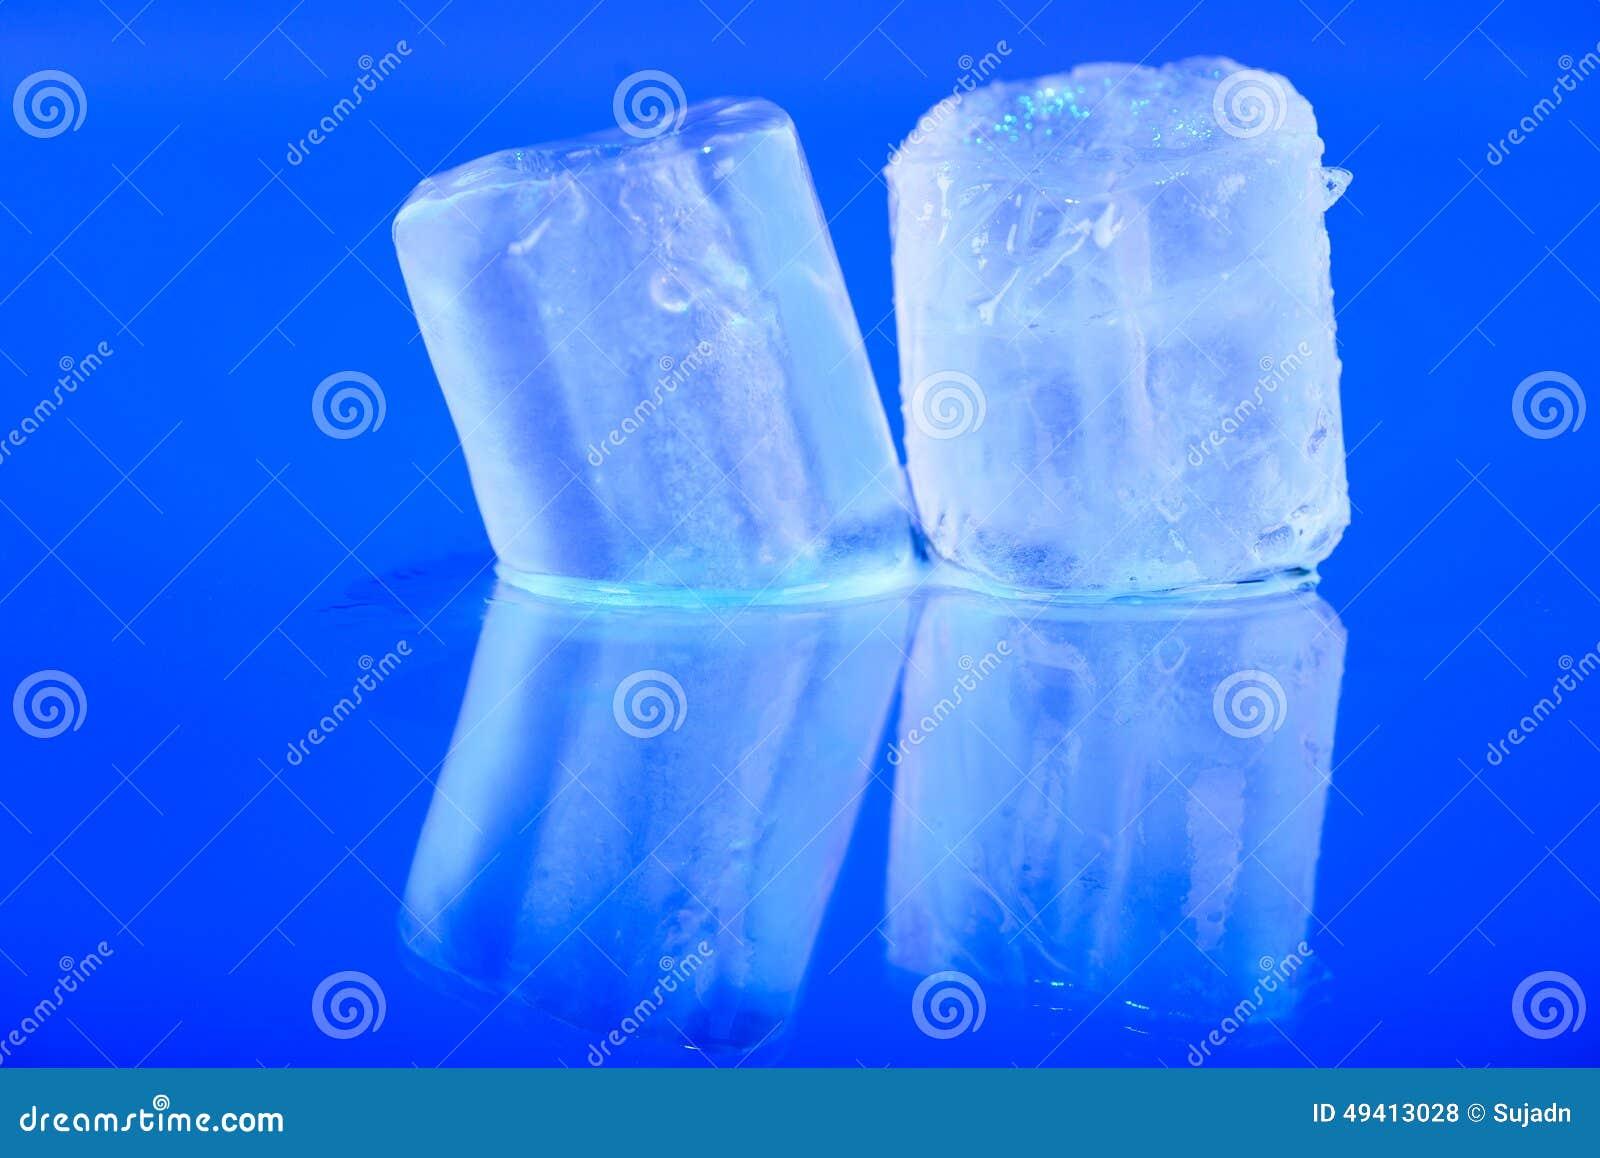 Download Nasse Eiswürfel Auf Blauem Hintergrund Stockfoto - Bild von frisch, wasser: 49413028